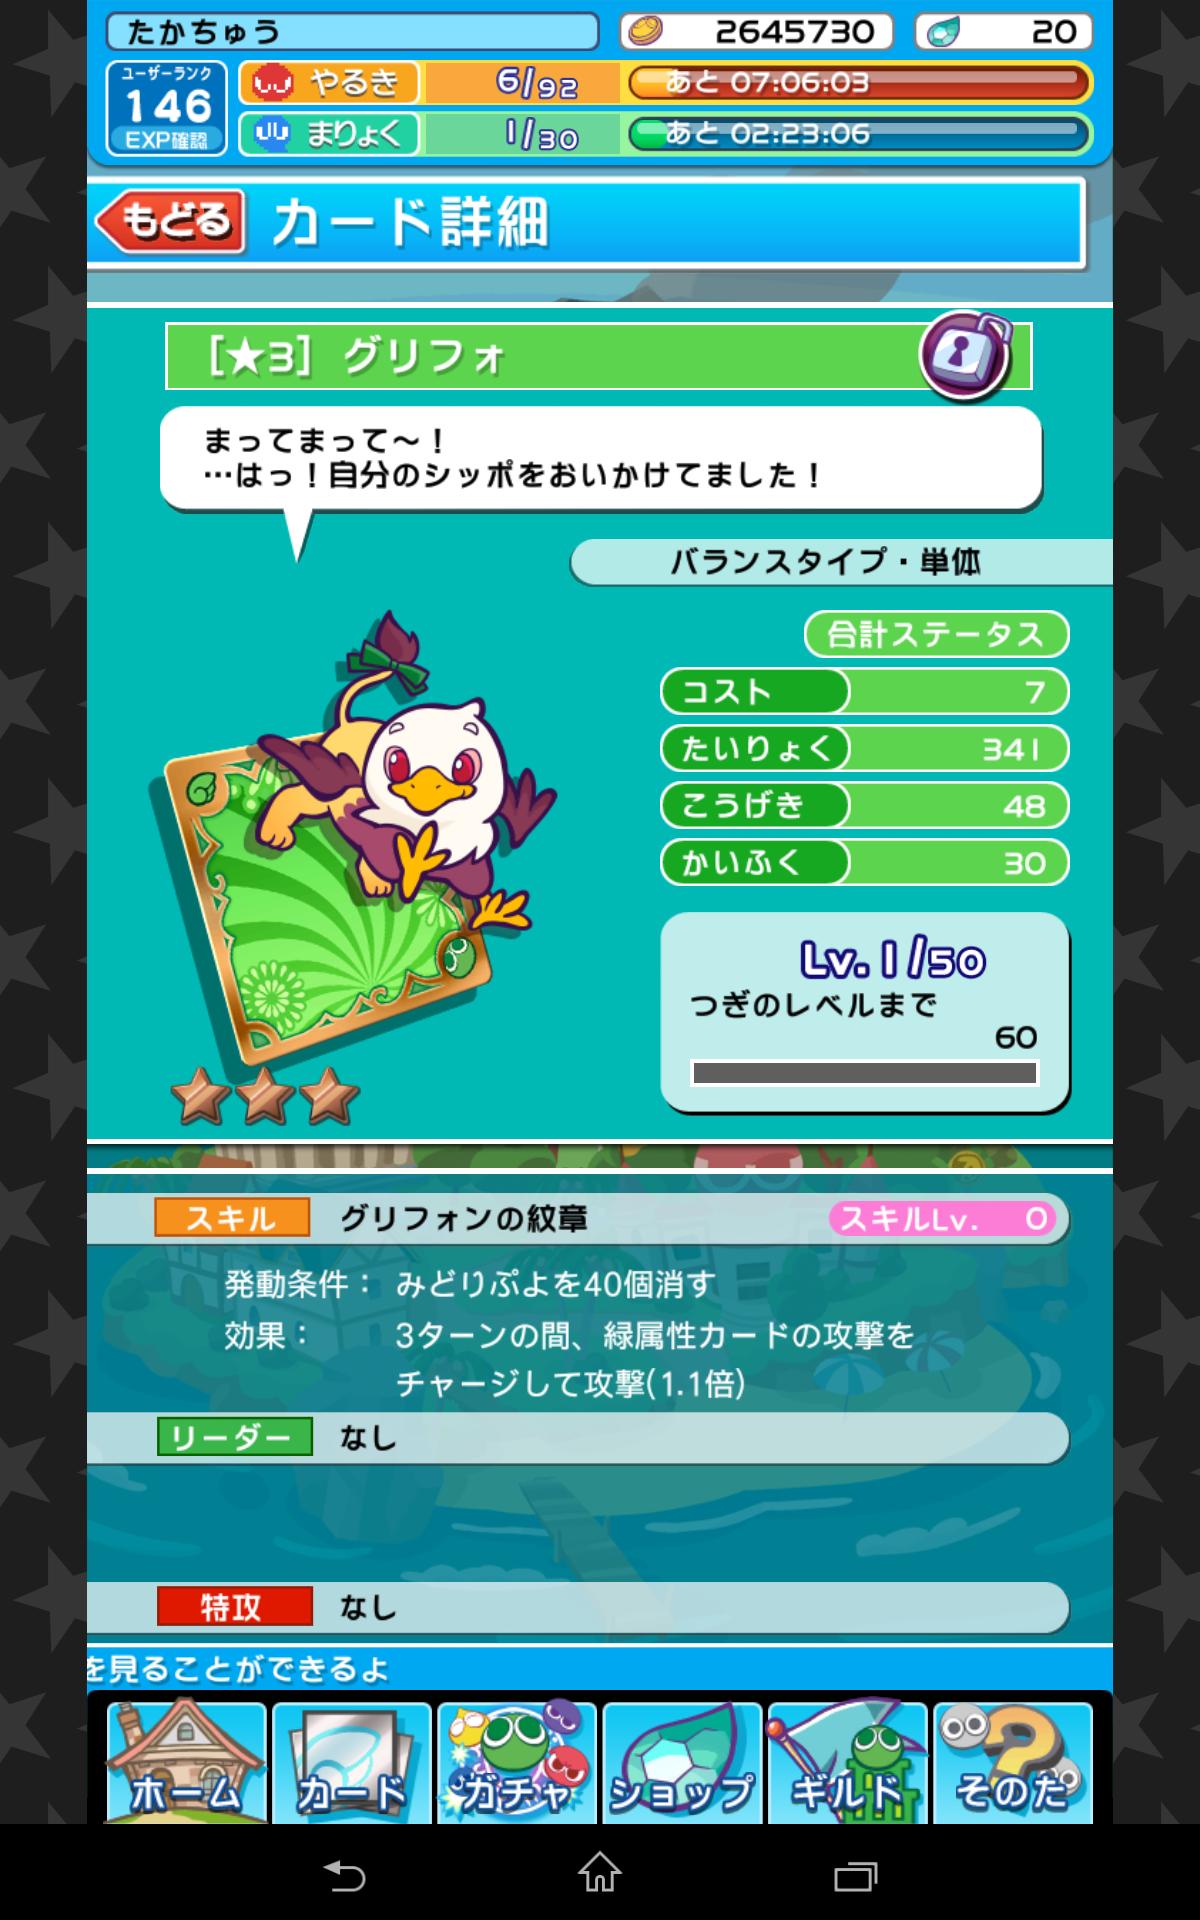 (150411) ぷよクエ-グリフォ1